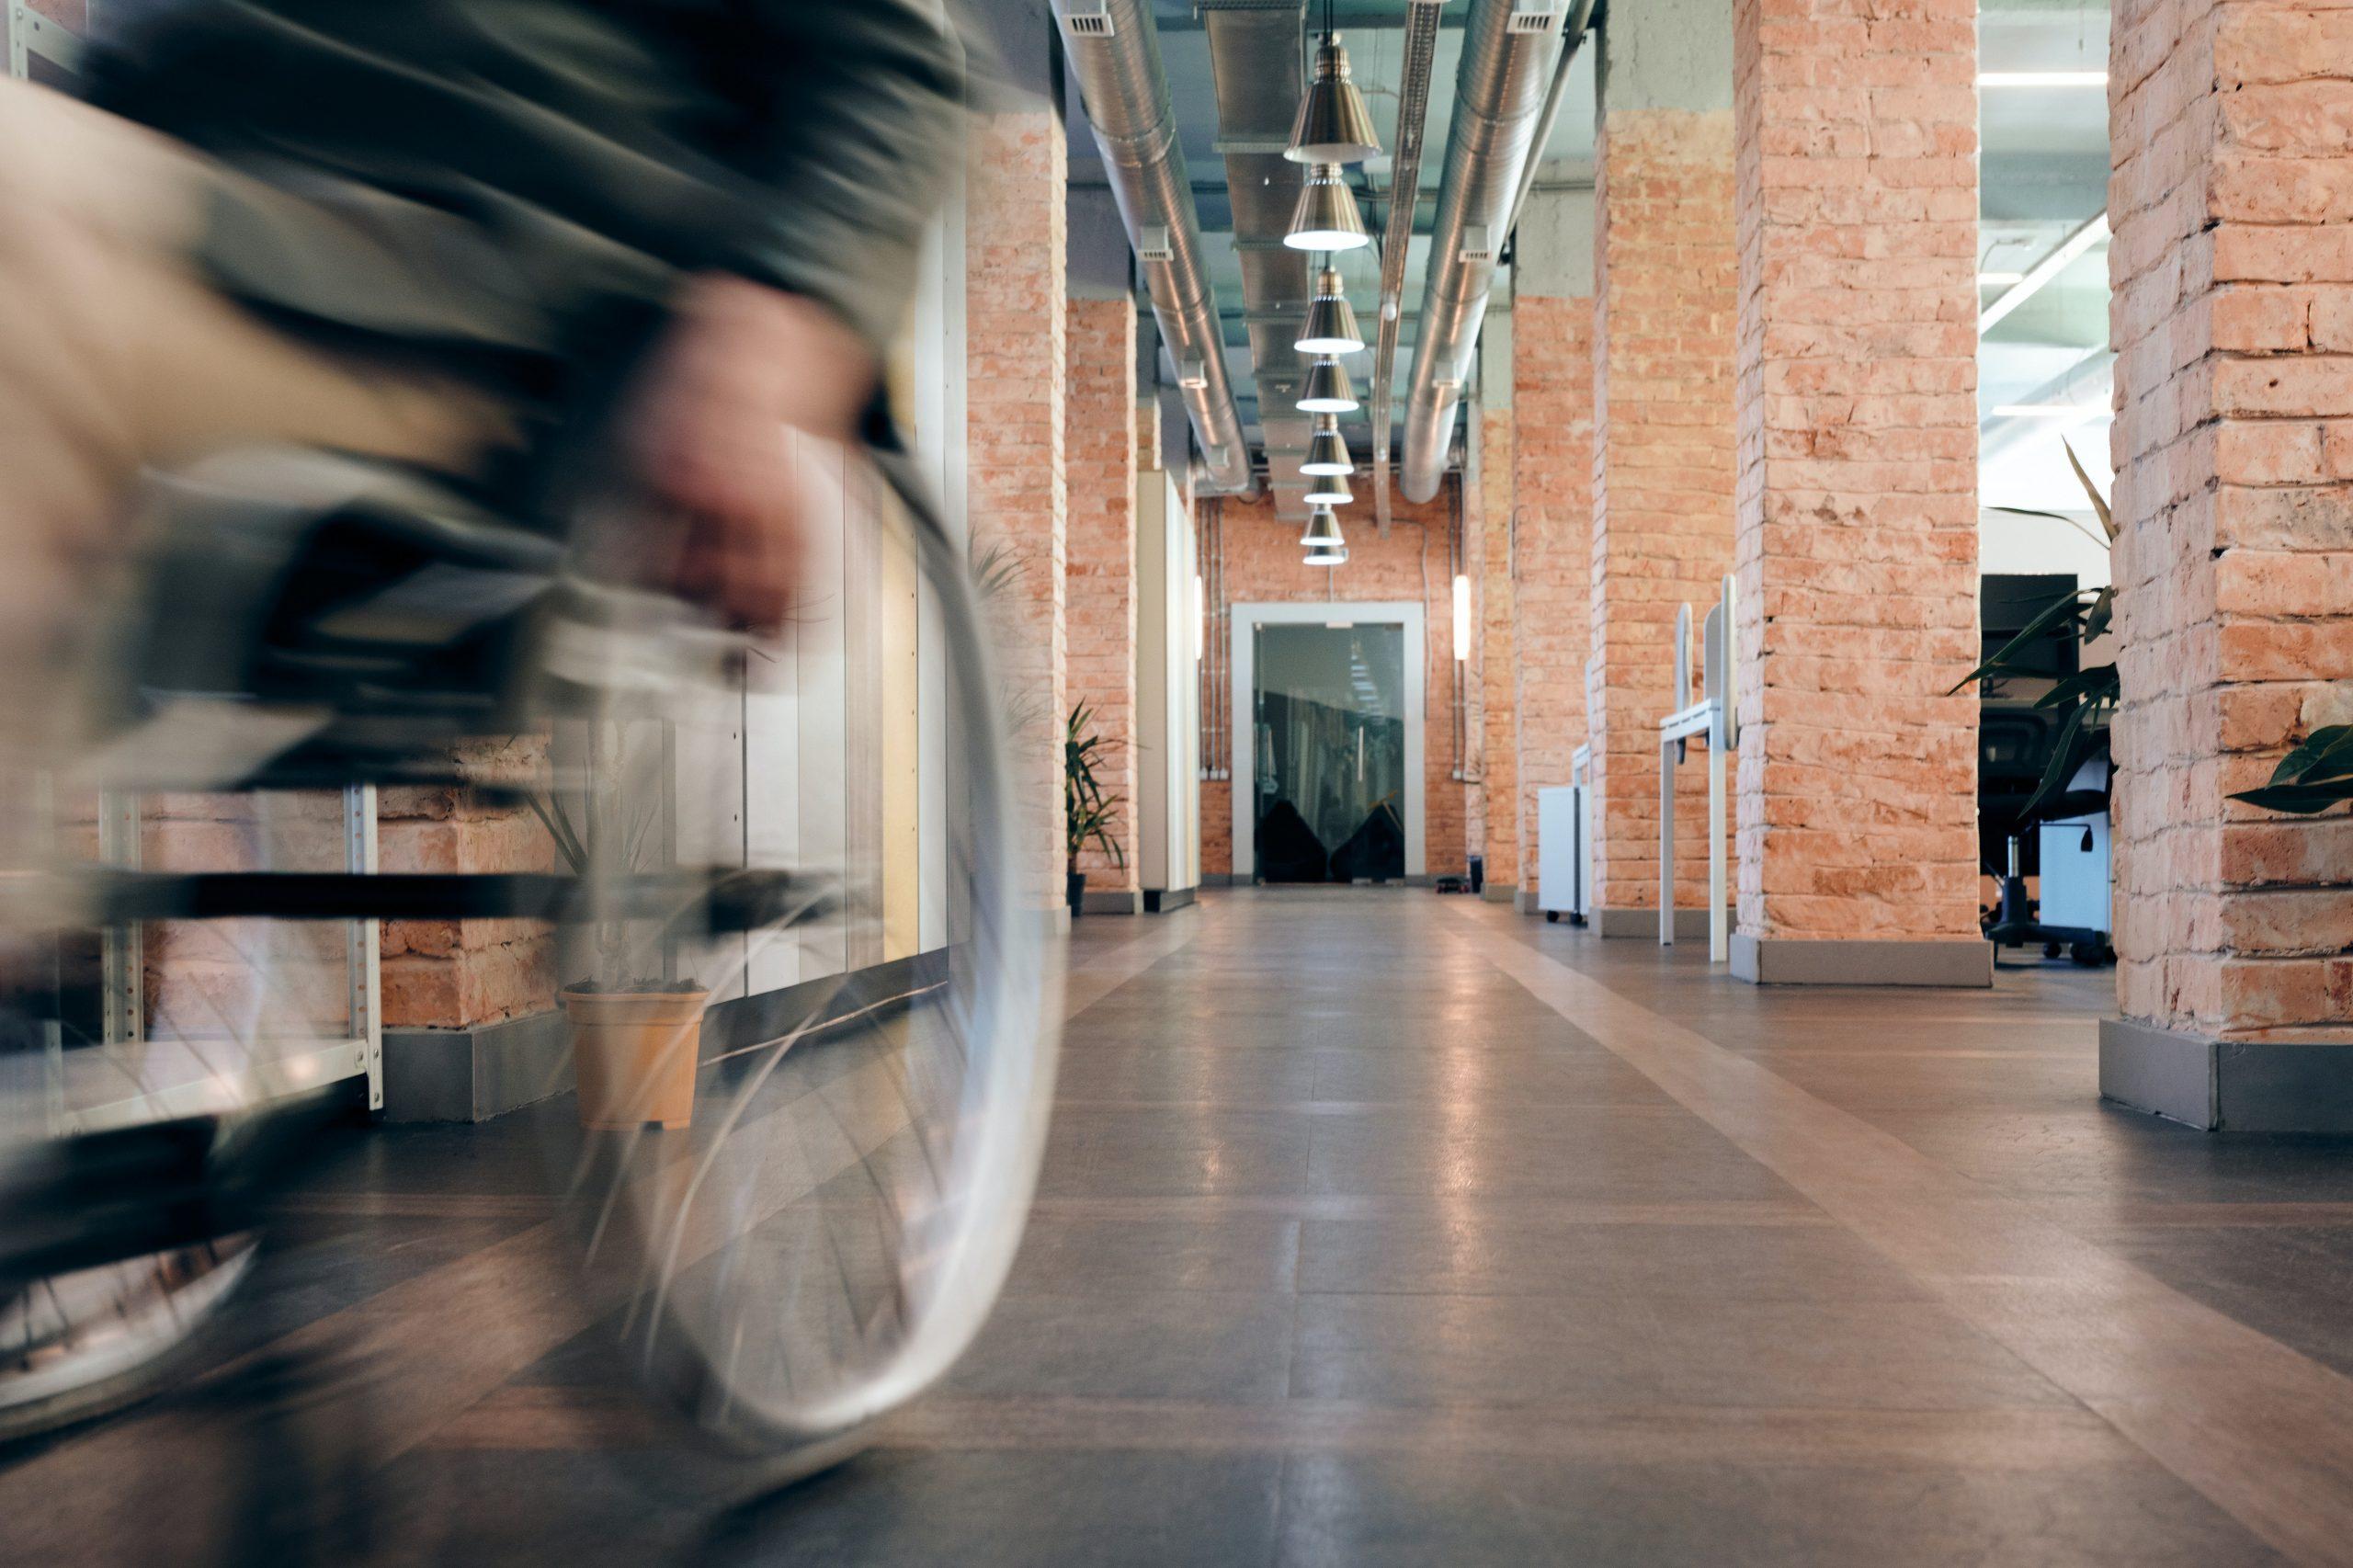 Persona usuaria de silla de ruedas atravesando un pasillo en el interior de un edificio